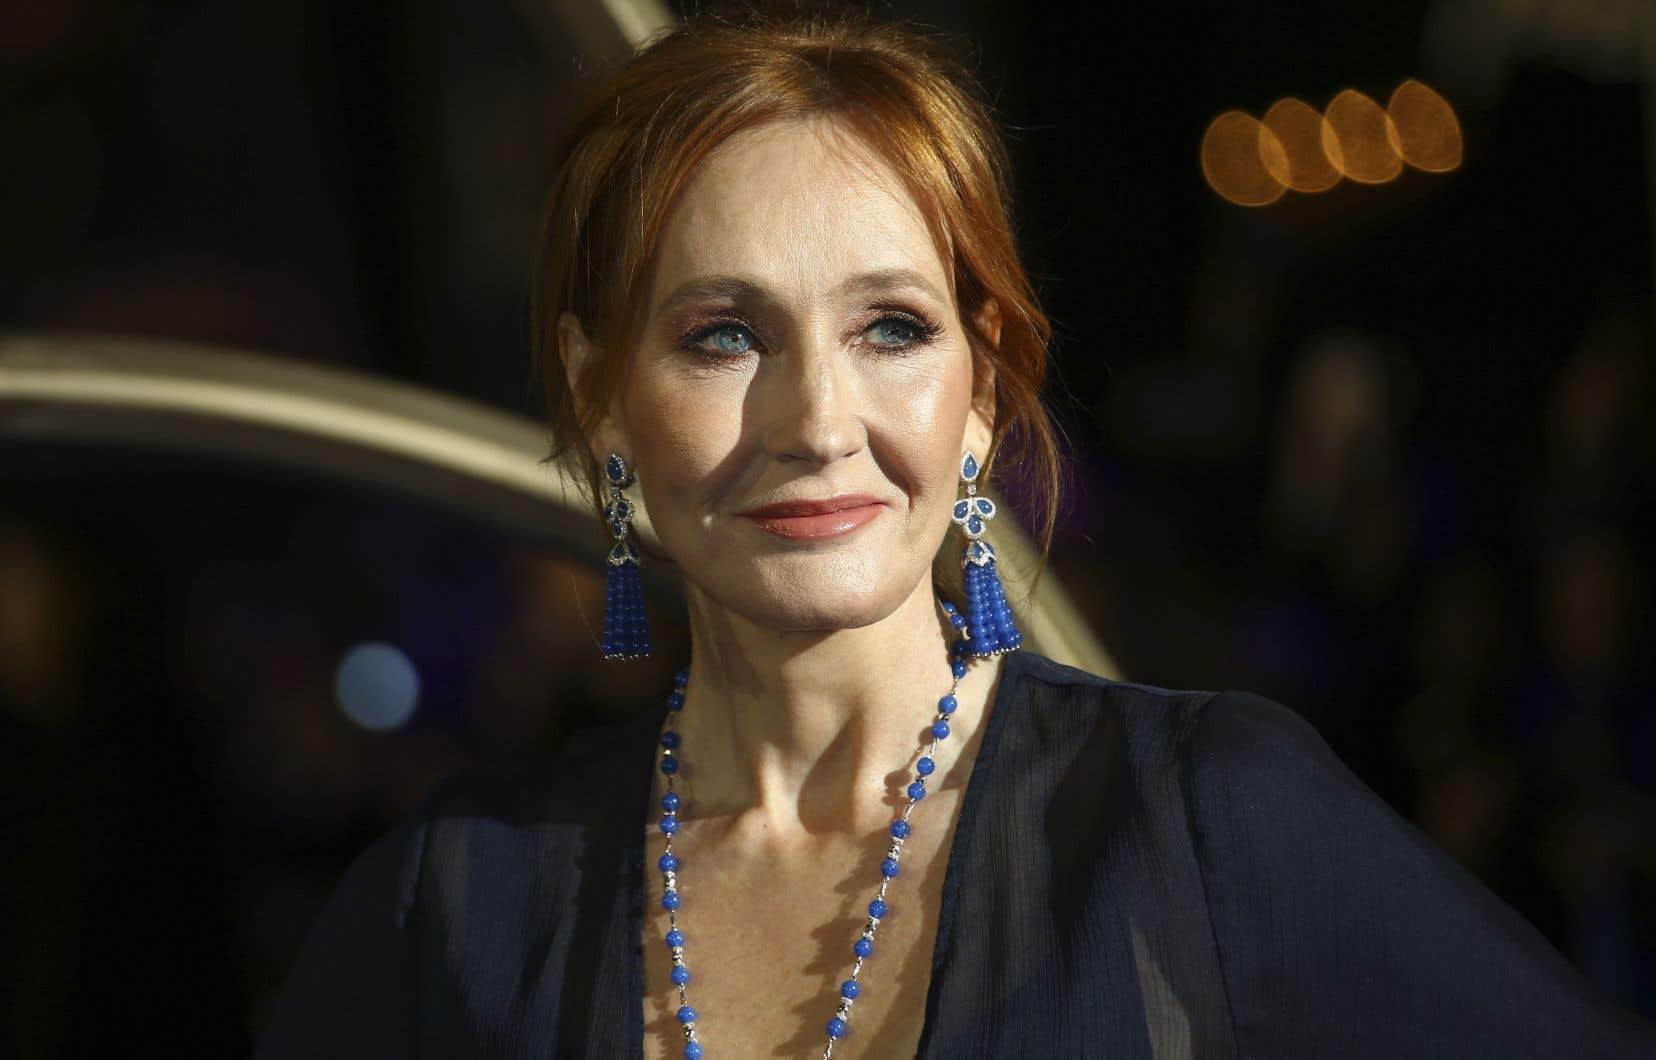 Du pur J. K. Rowling, bien servi par les illustrations de Jim Field: douillettes et souriantes ou sombres et menaçantes, elles sont à l'image du voyage enlevé et enlevant de Jack.